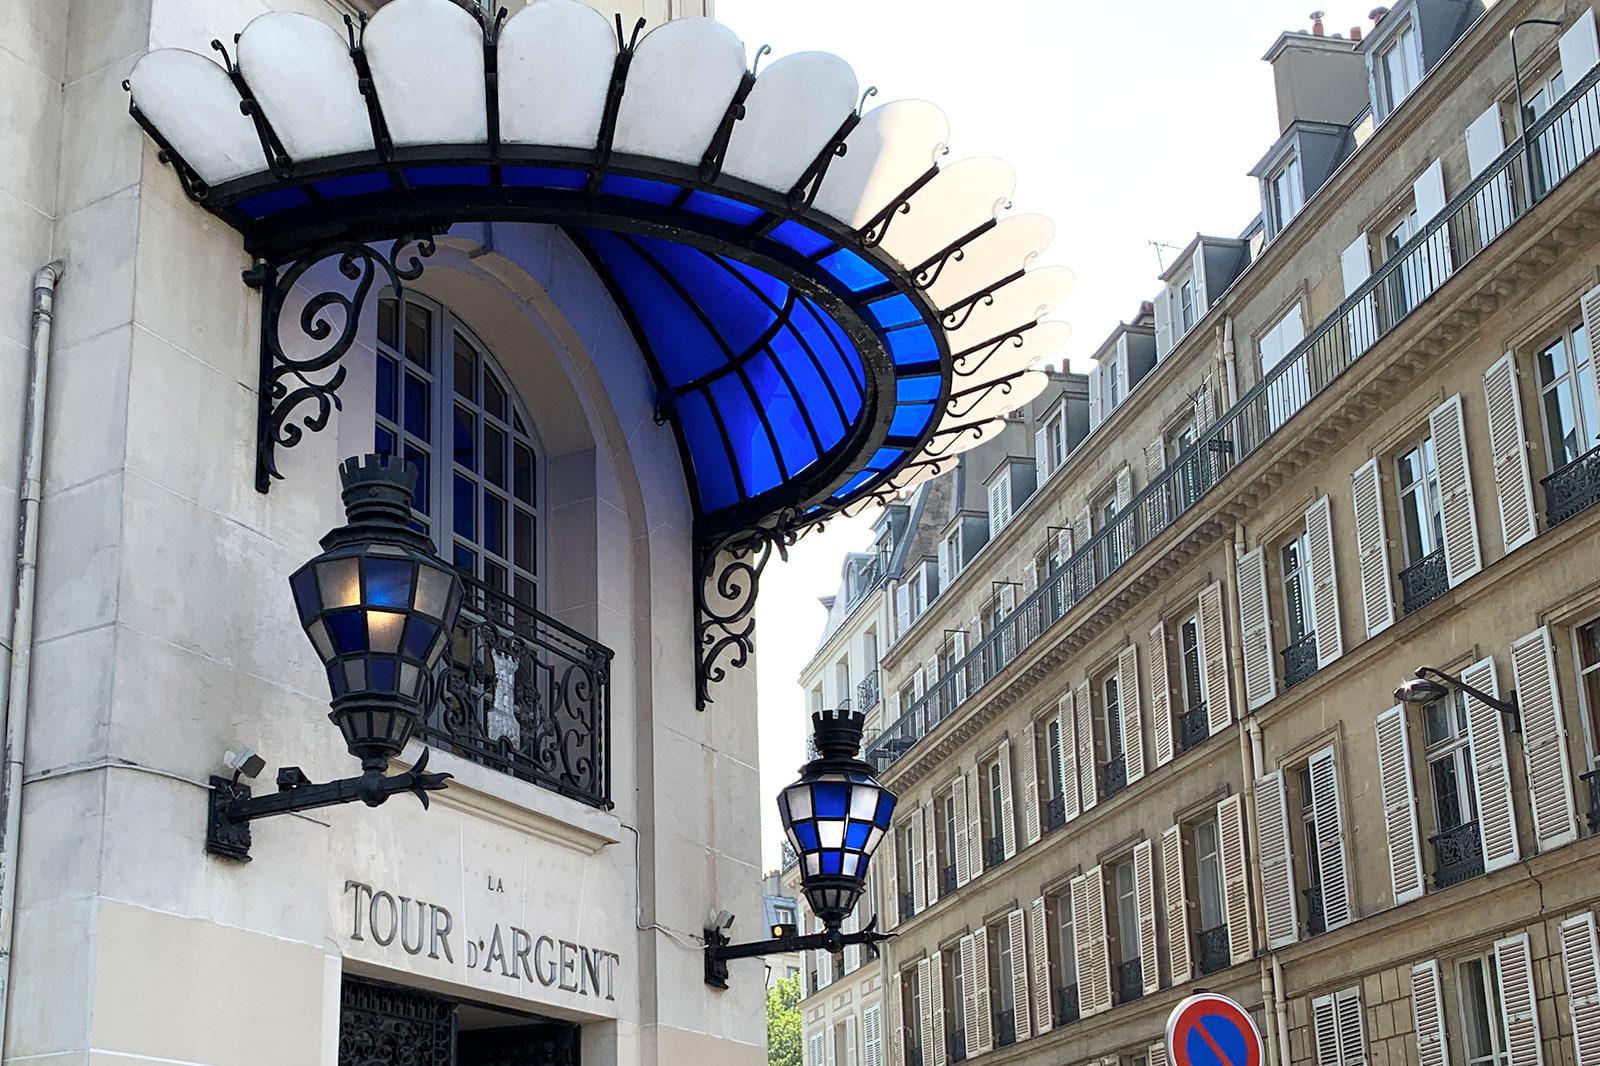 Restaurante Tour D'Argent